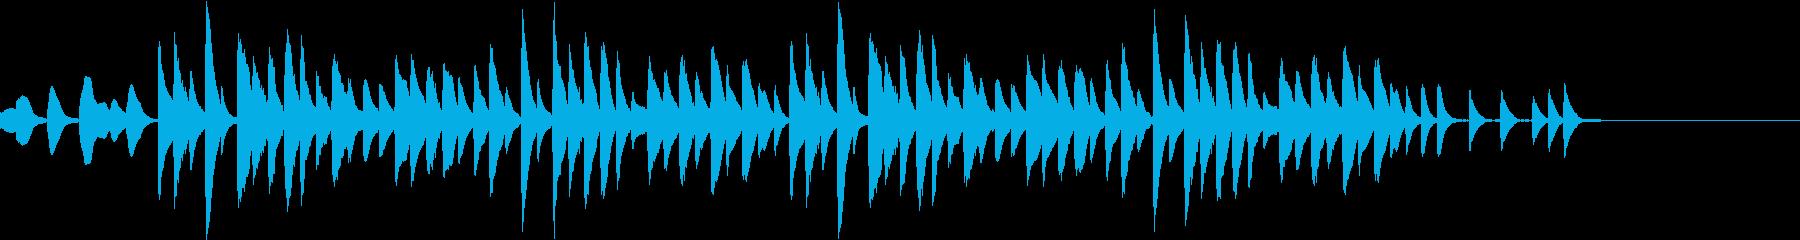 マリンバ ミニマル コミカル ジングルの再生済みの波形